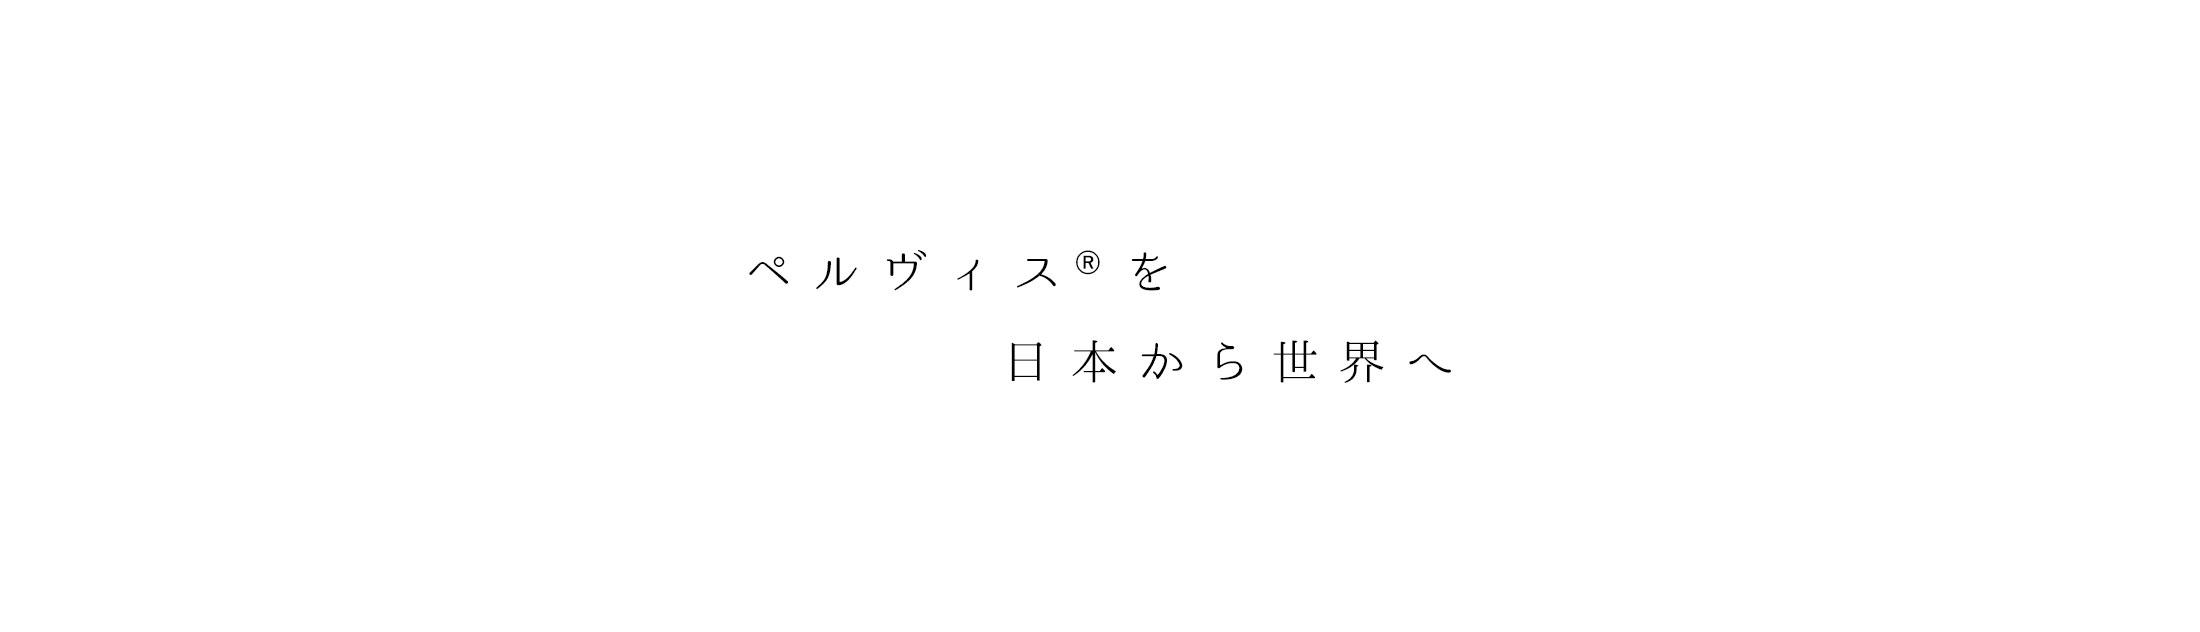 ビイスタイル,ビィスタイル,ビースタイル,ペルヴィス®を日本から世界へ